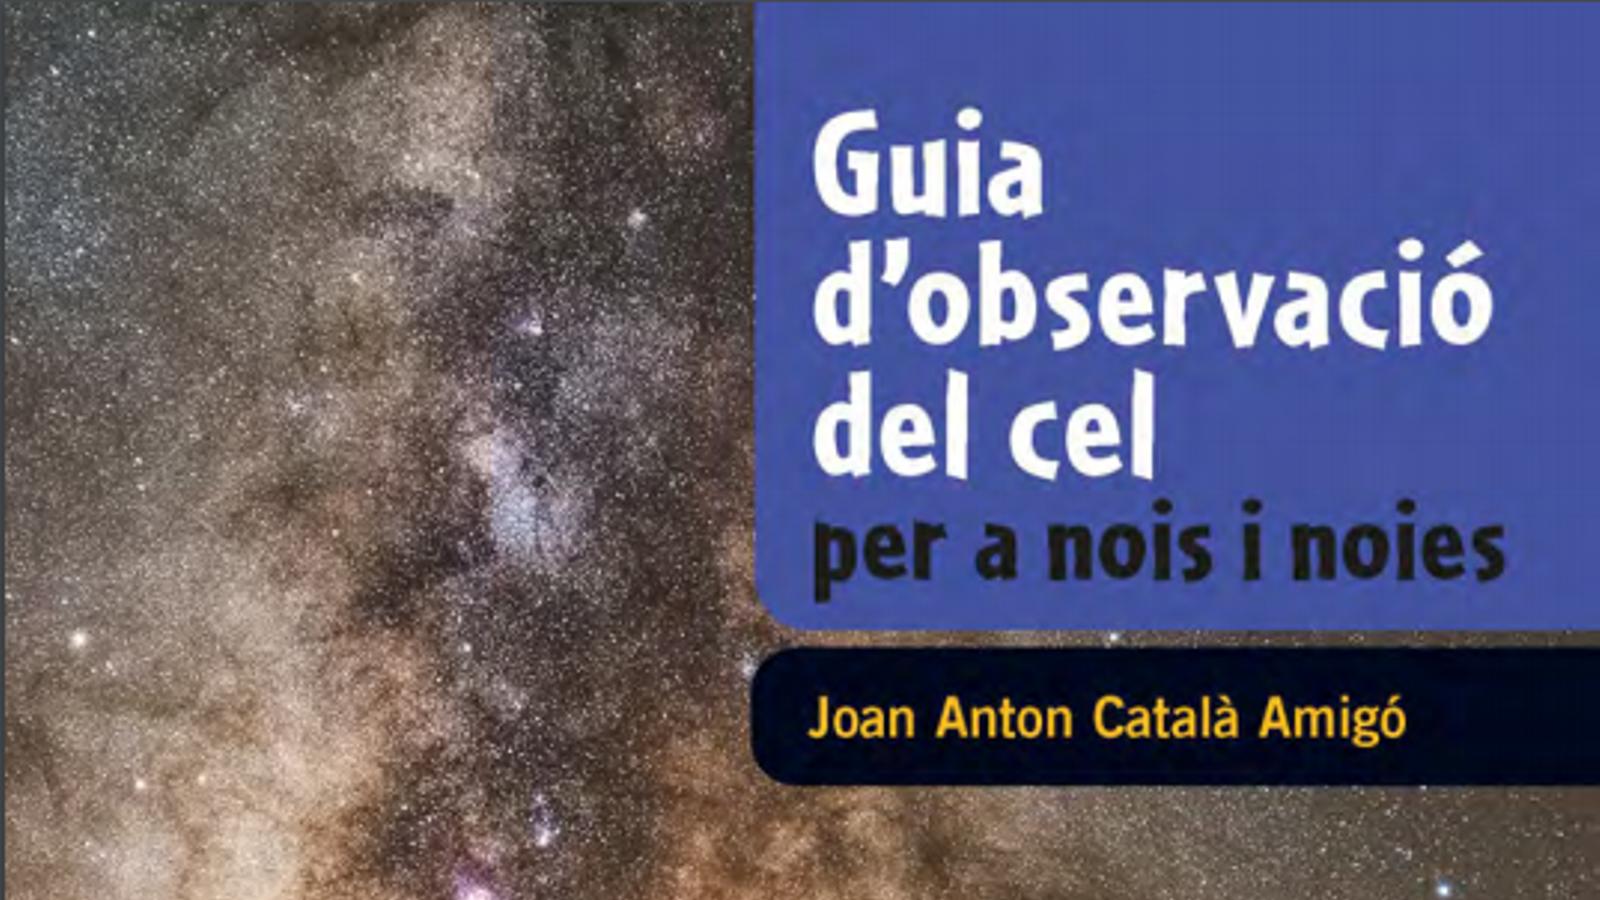 'Guia d'observació del cel per a nois i noies'